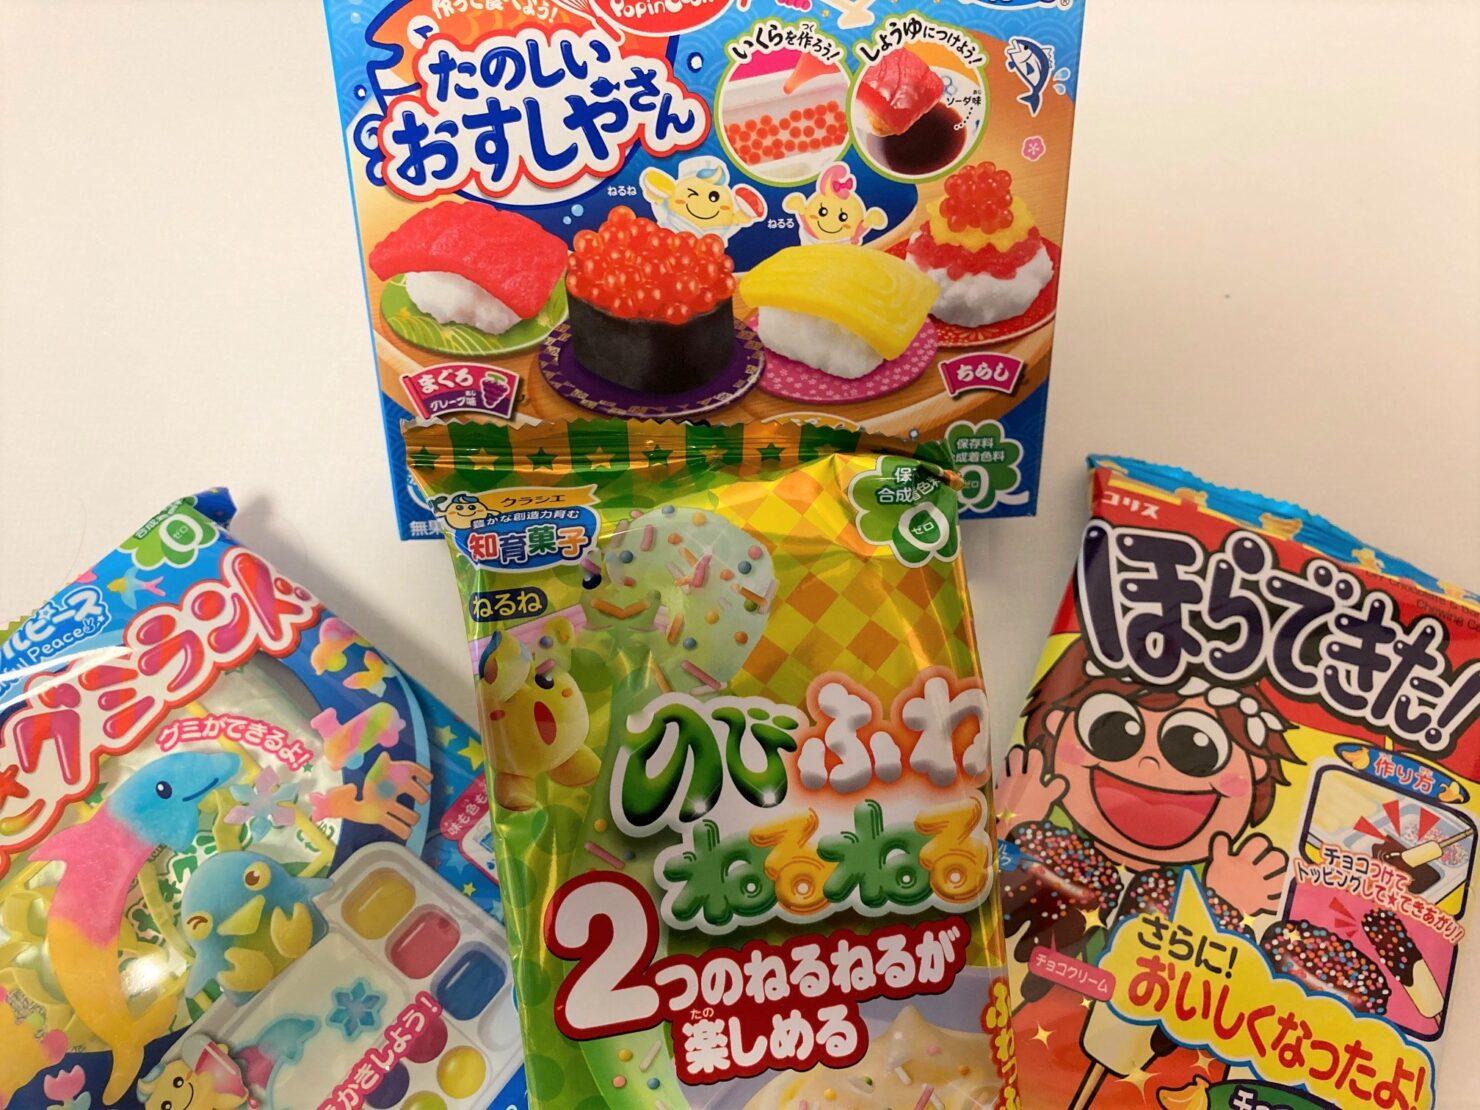 作っておいしい知育菓子おすすめ15選! 甘い? しょっぱい? クラシエや明治が人気